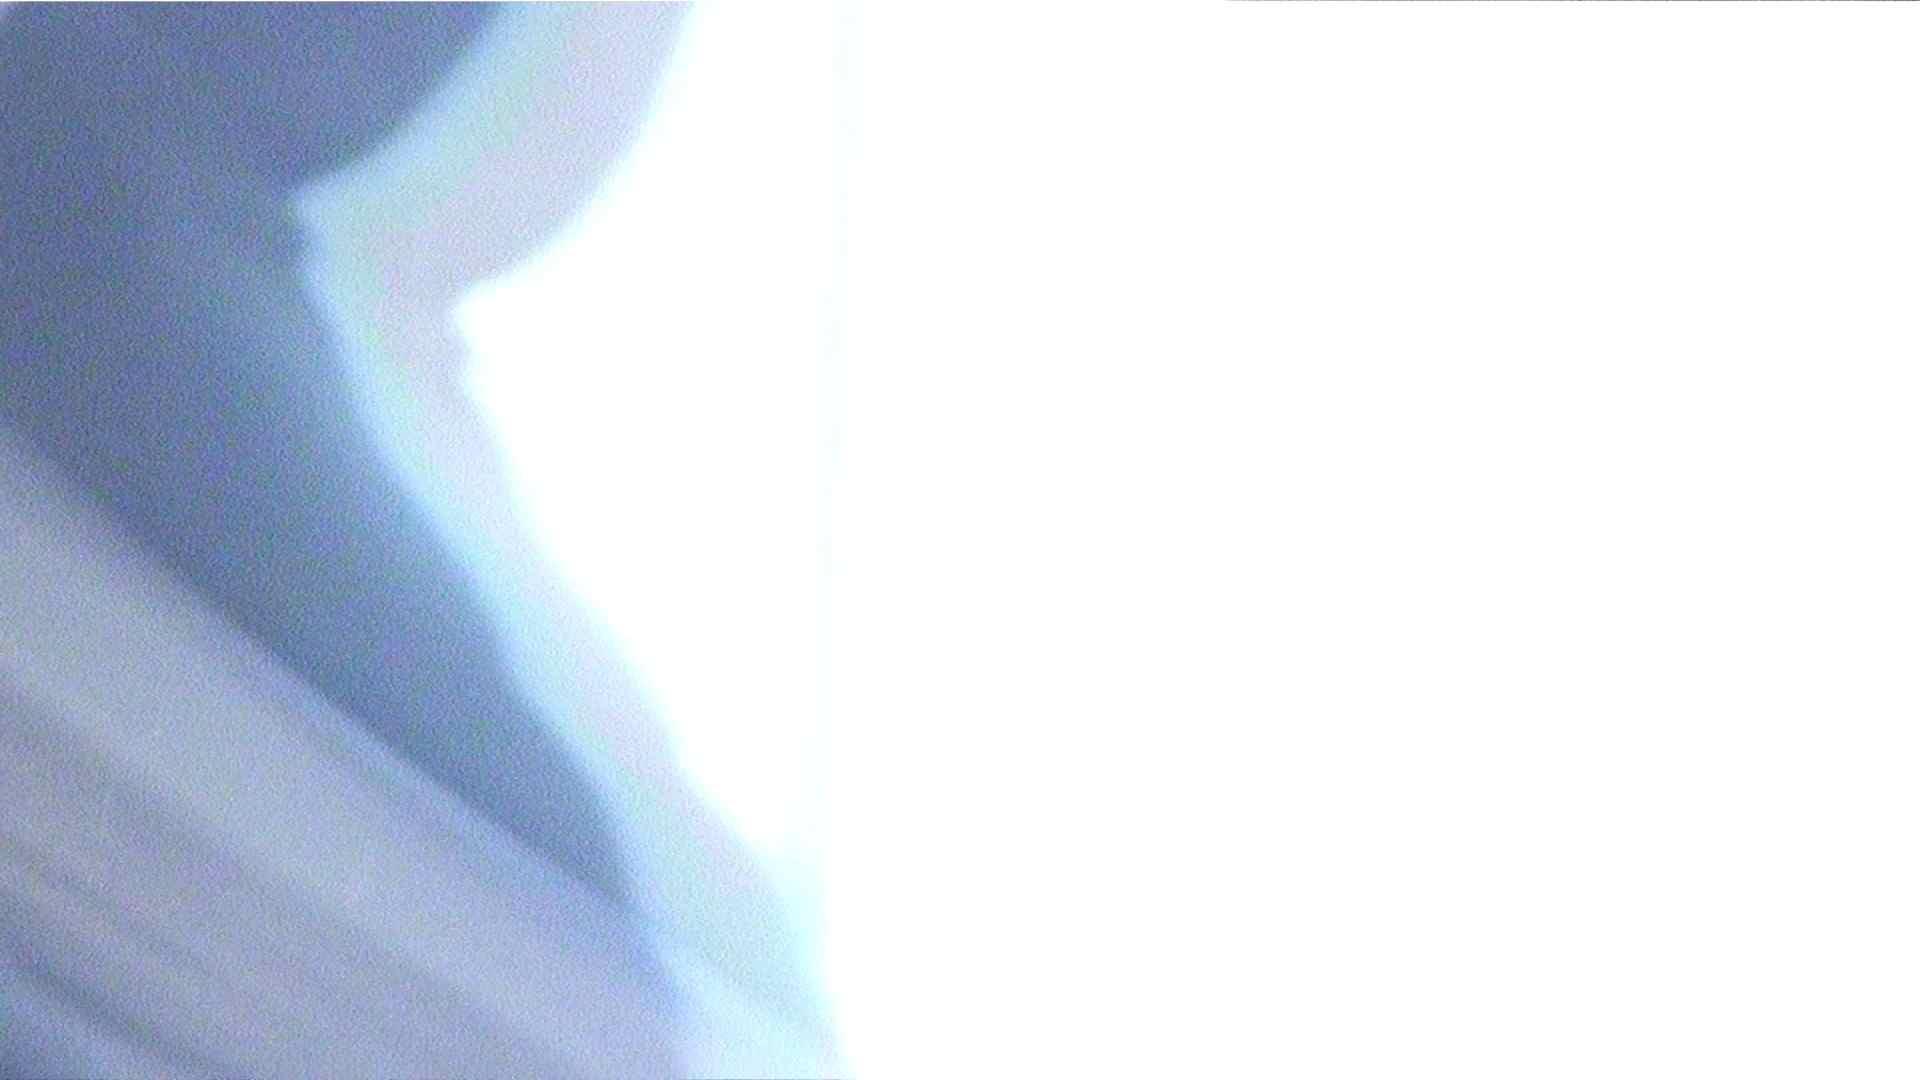 ※100個限定販売 至高下半身盗撮 プレミアム Vol.36 ハイビジョン 盗撮 | OLの実態  89pic 15